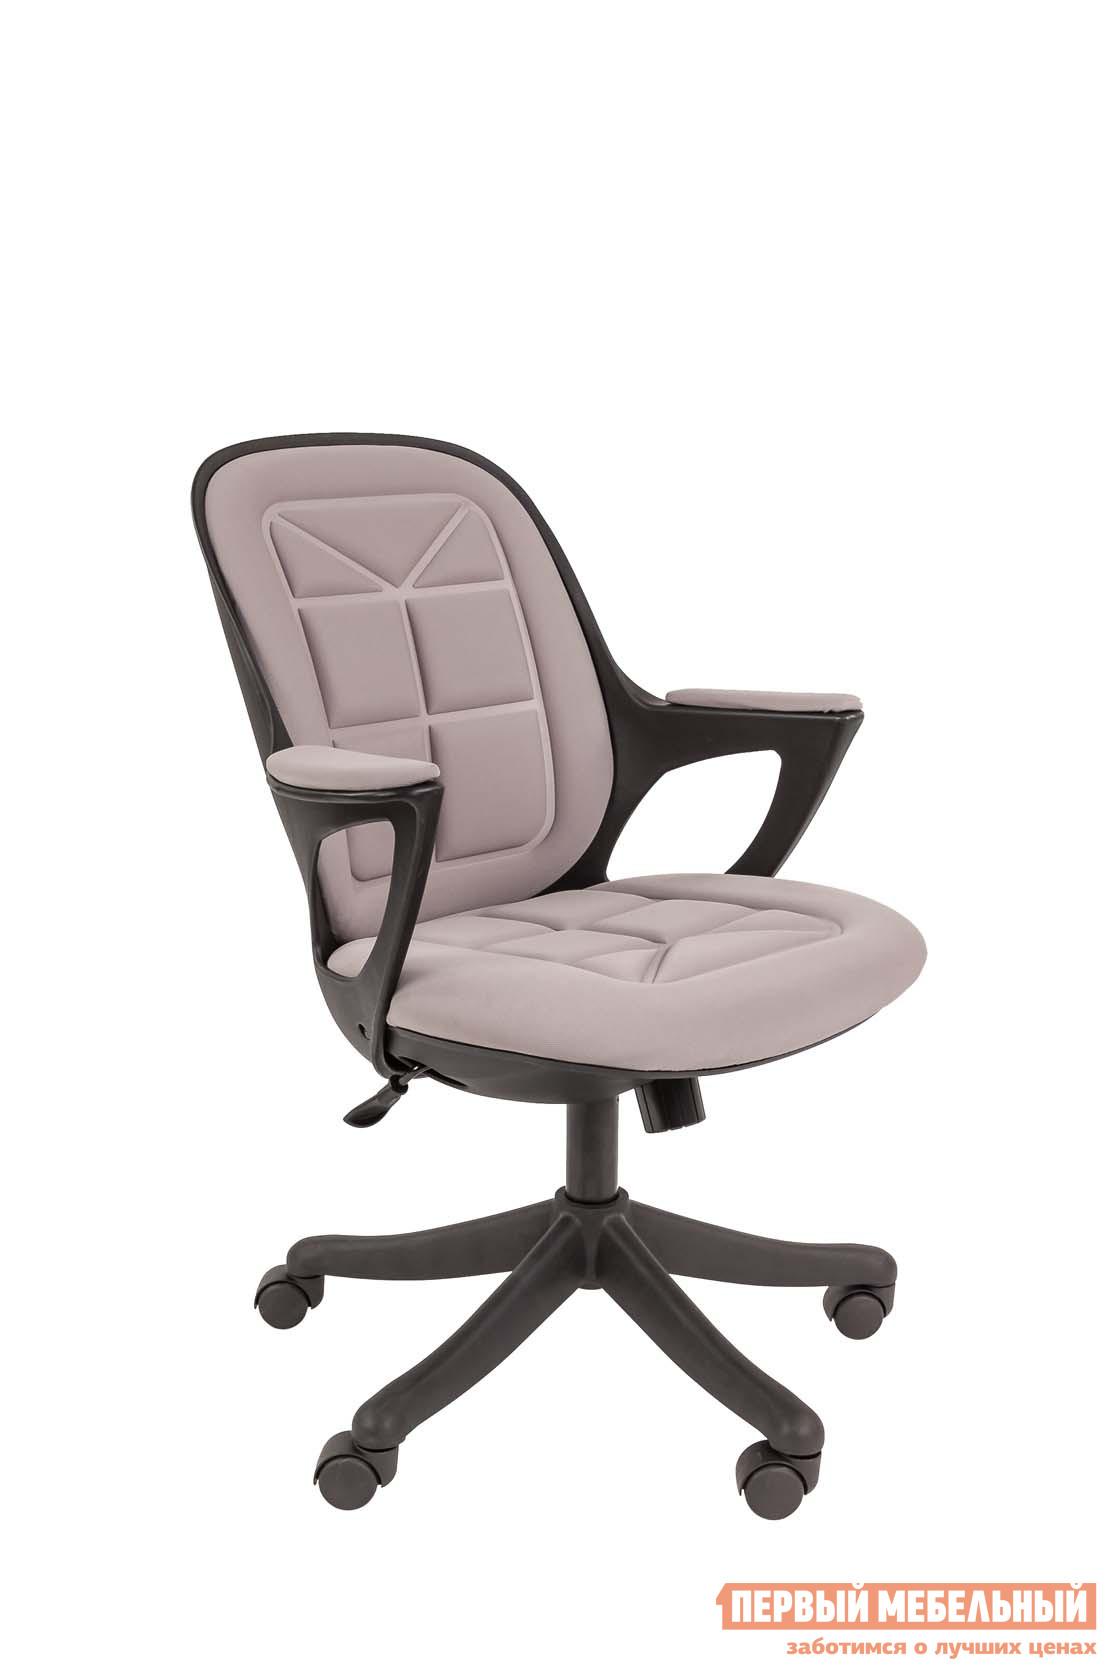 Офисное кресло Русские кресла РК 23 Светло-серый S